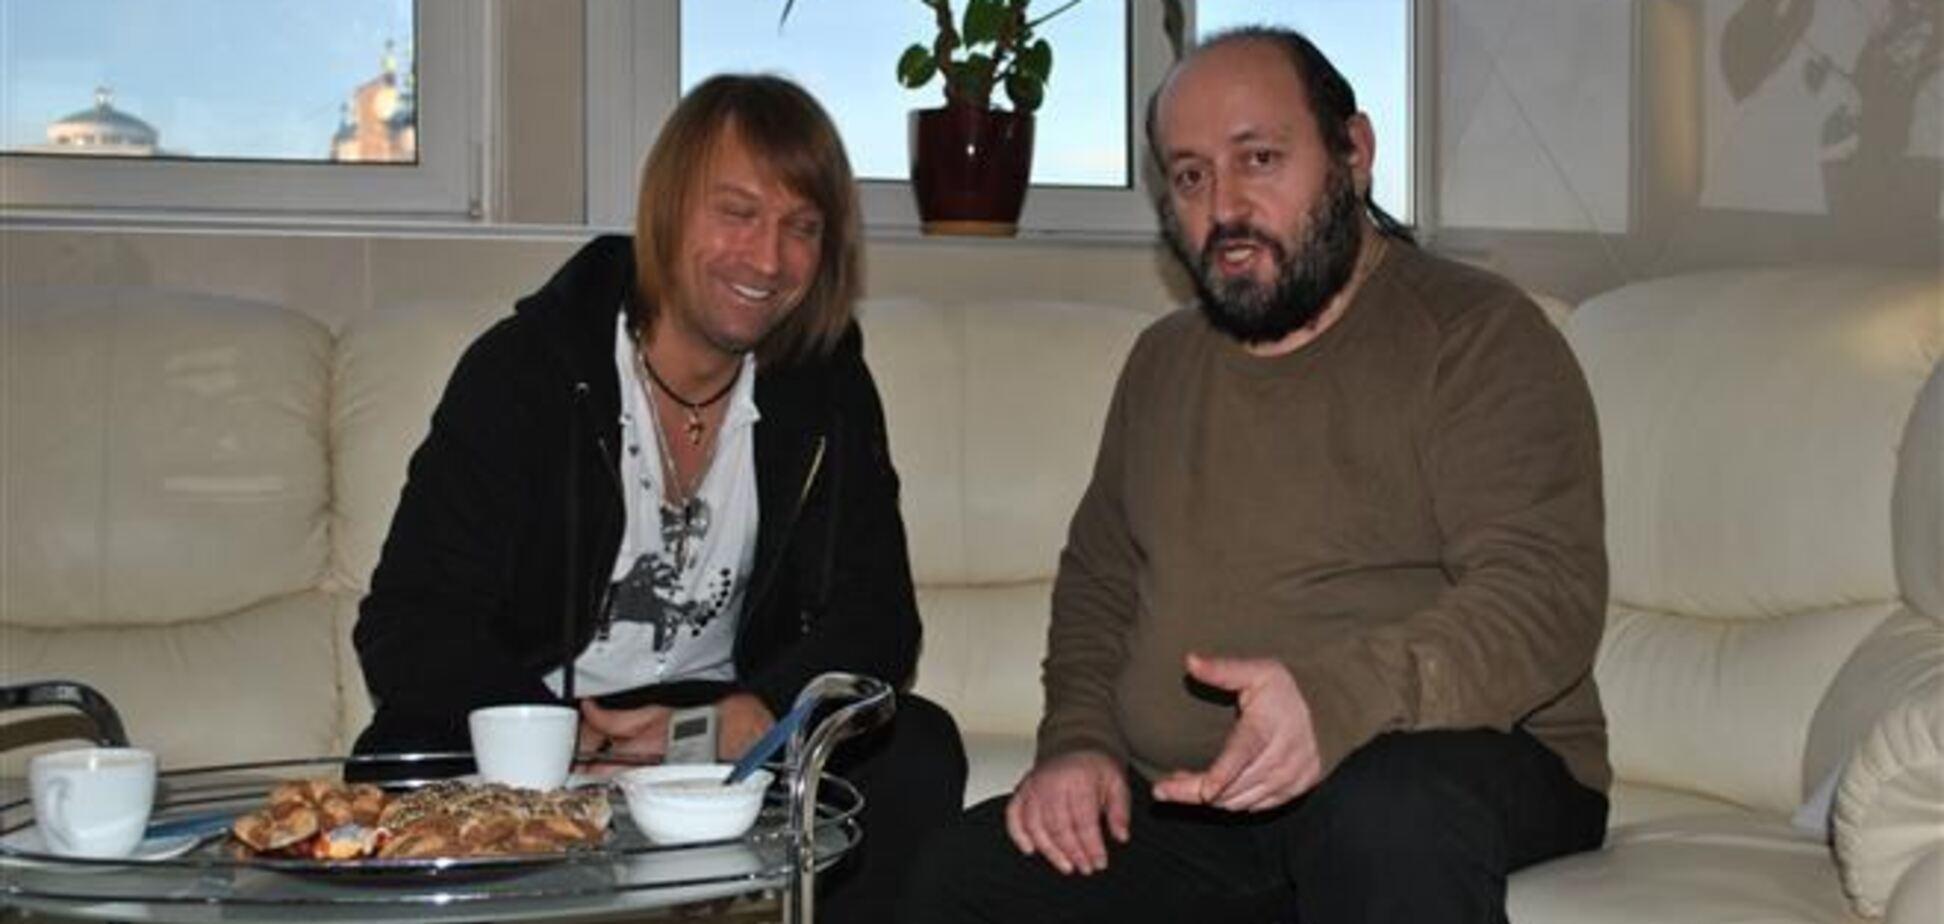 Олег Винник - Слава Богу, що все проходить